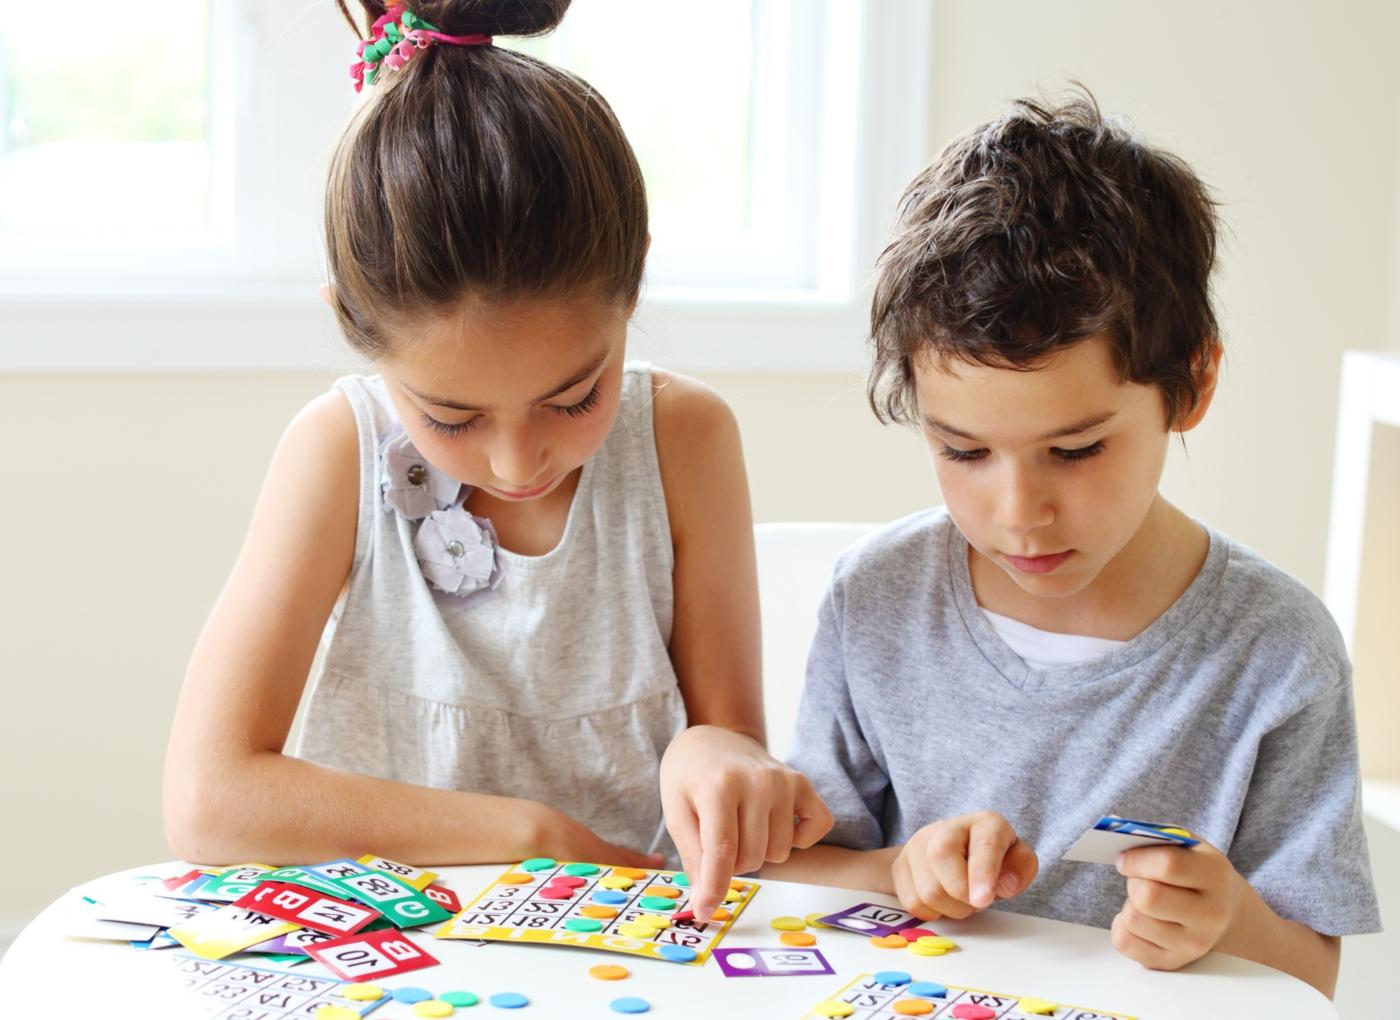 Jogos caseiros para crianças: crianças a jogar bingo